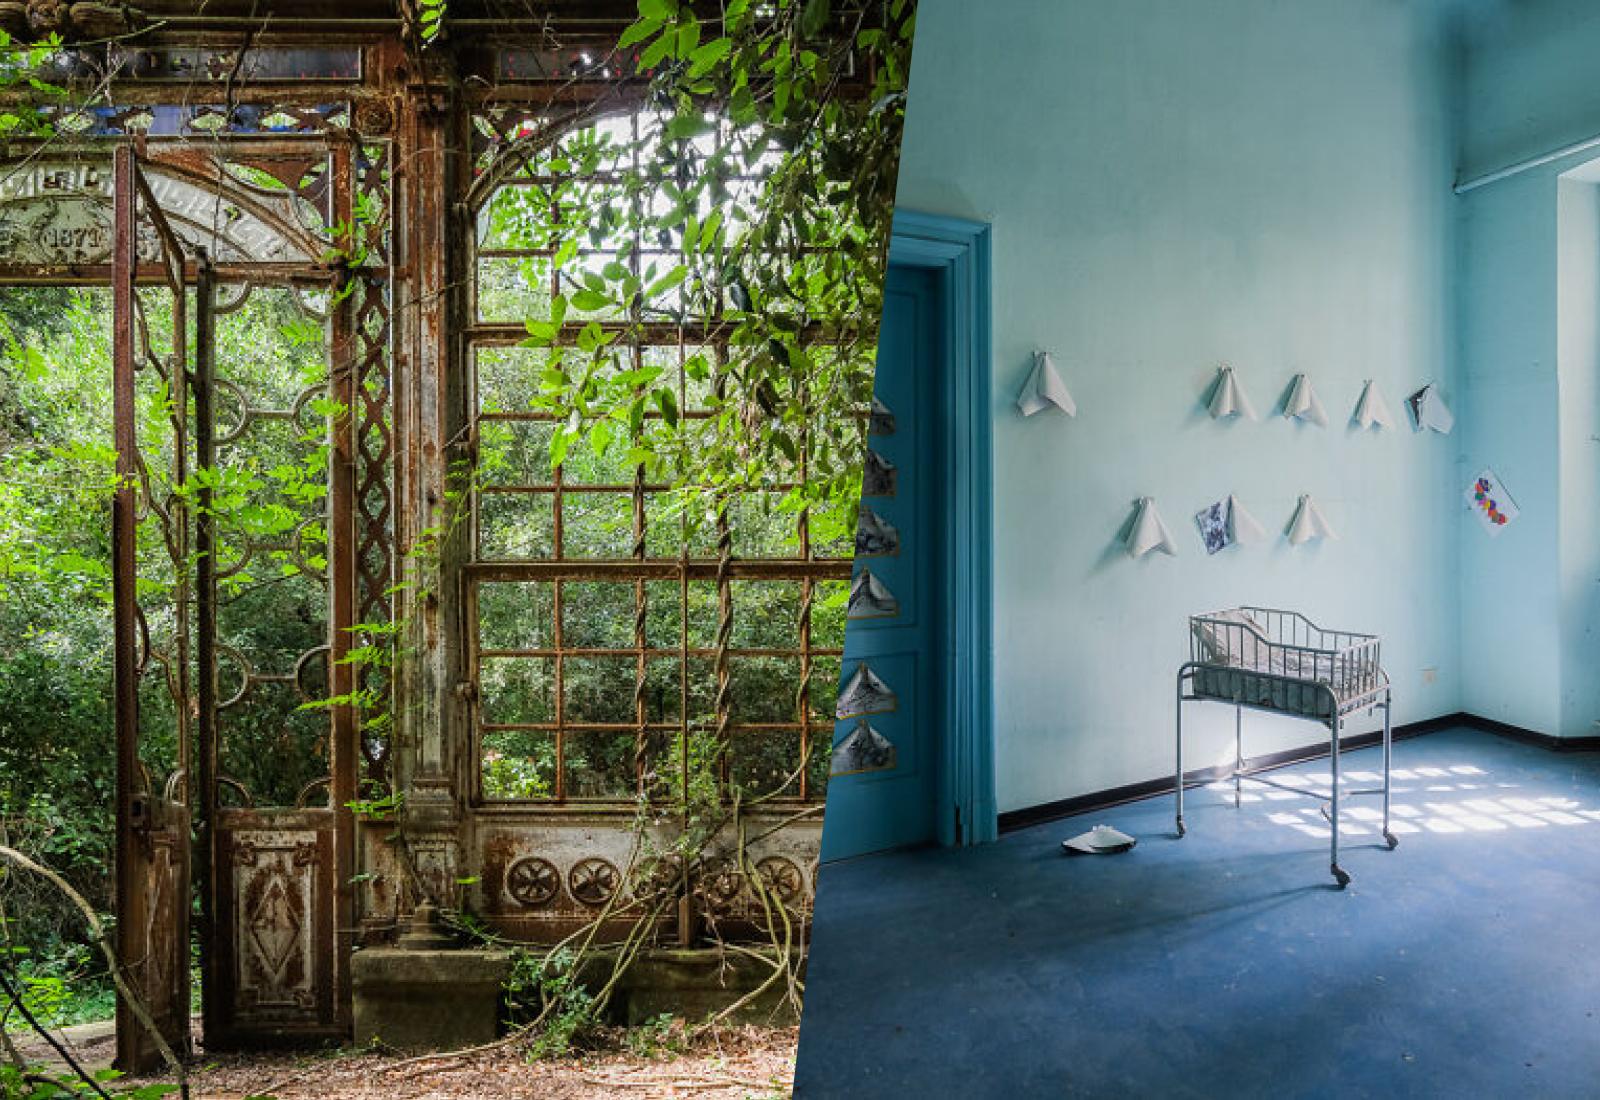 Заброшенная часть Италии, которую не покажут туристам: 10 жутко красивых кадров из опустевших зданий